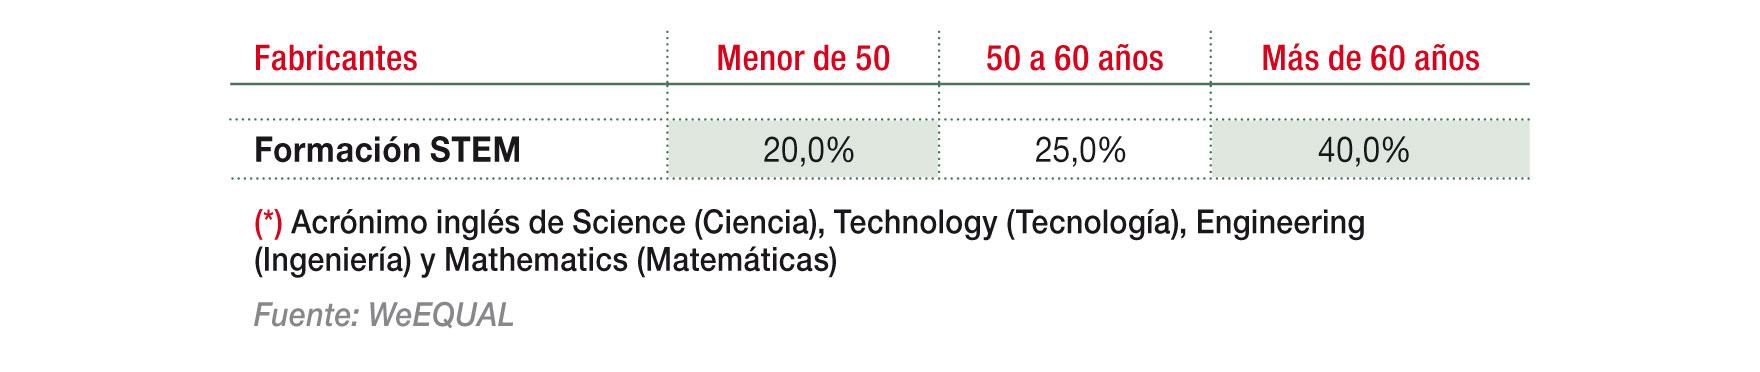 Dirección con Formación STEM (*), por edades